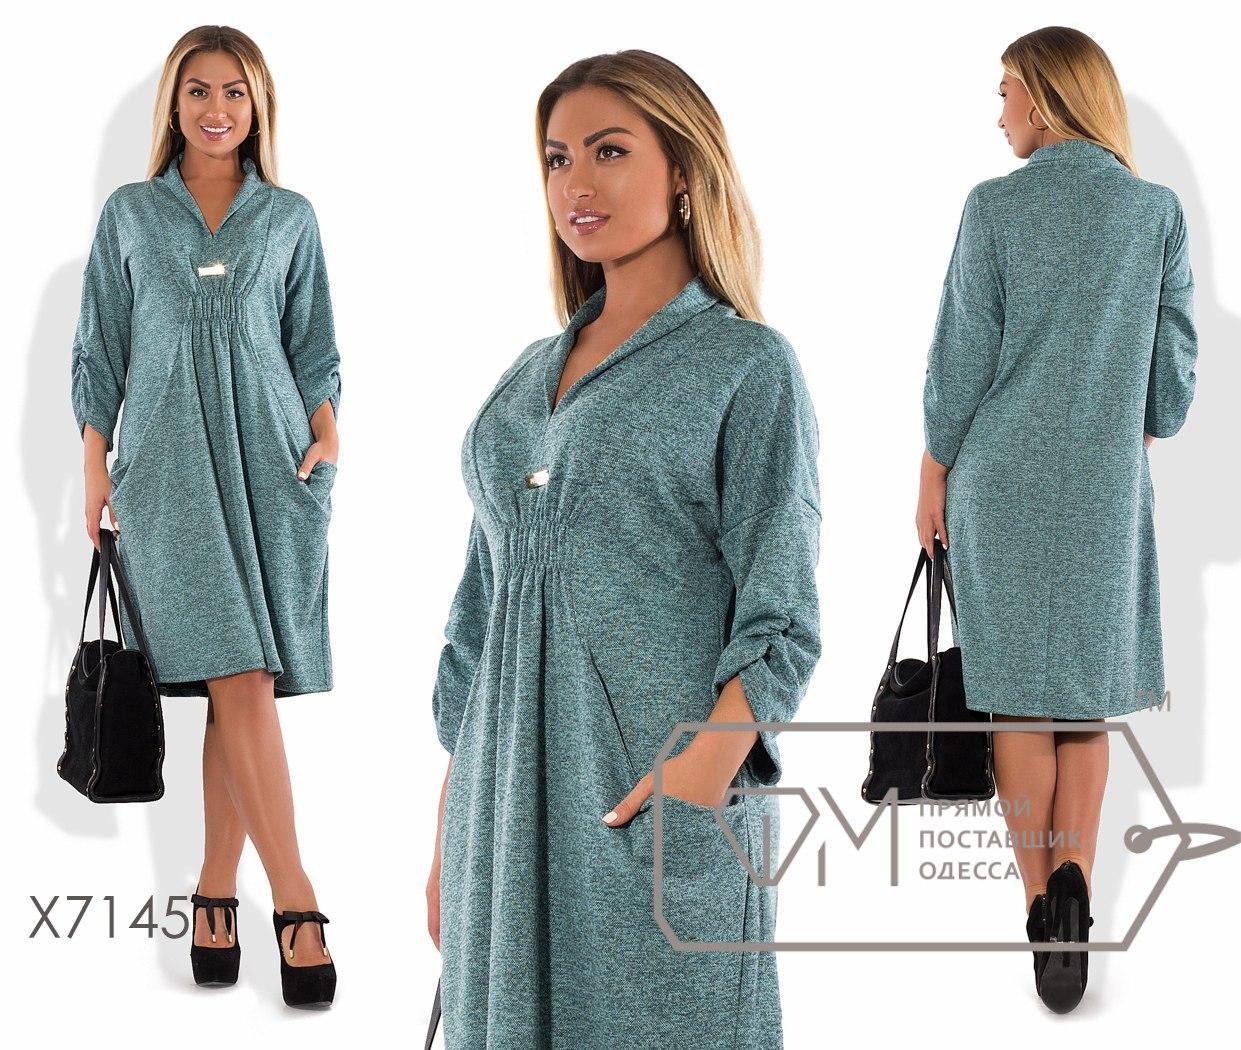 Купить Платье Женское Большого Размера От Производителя